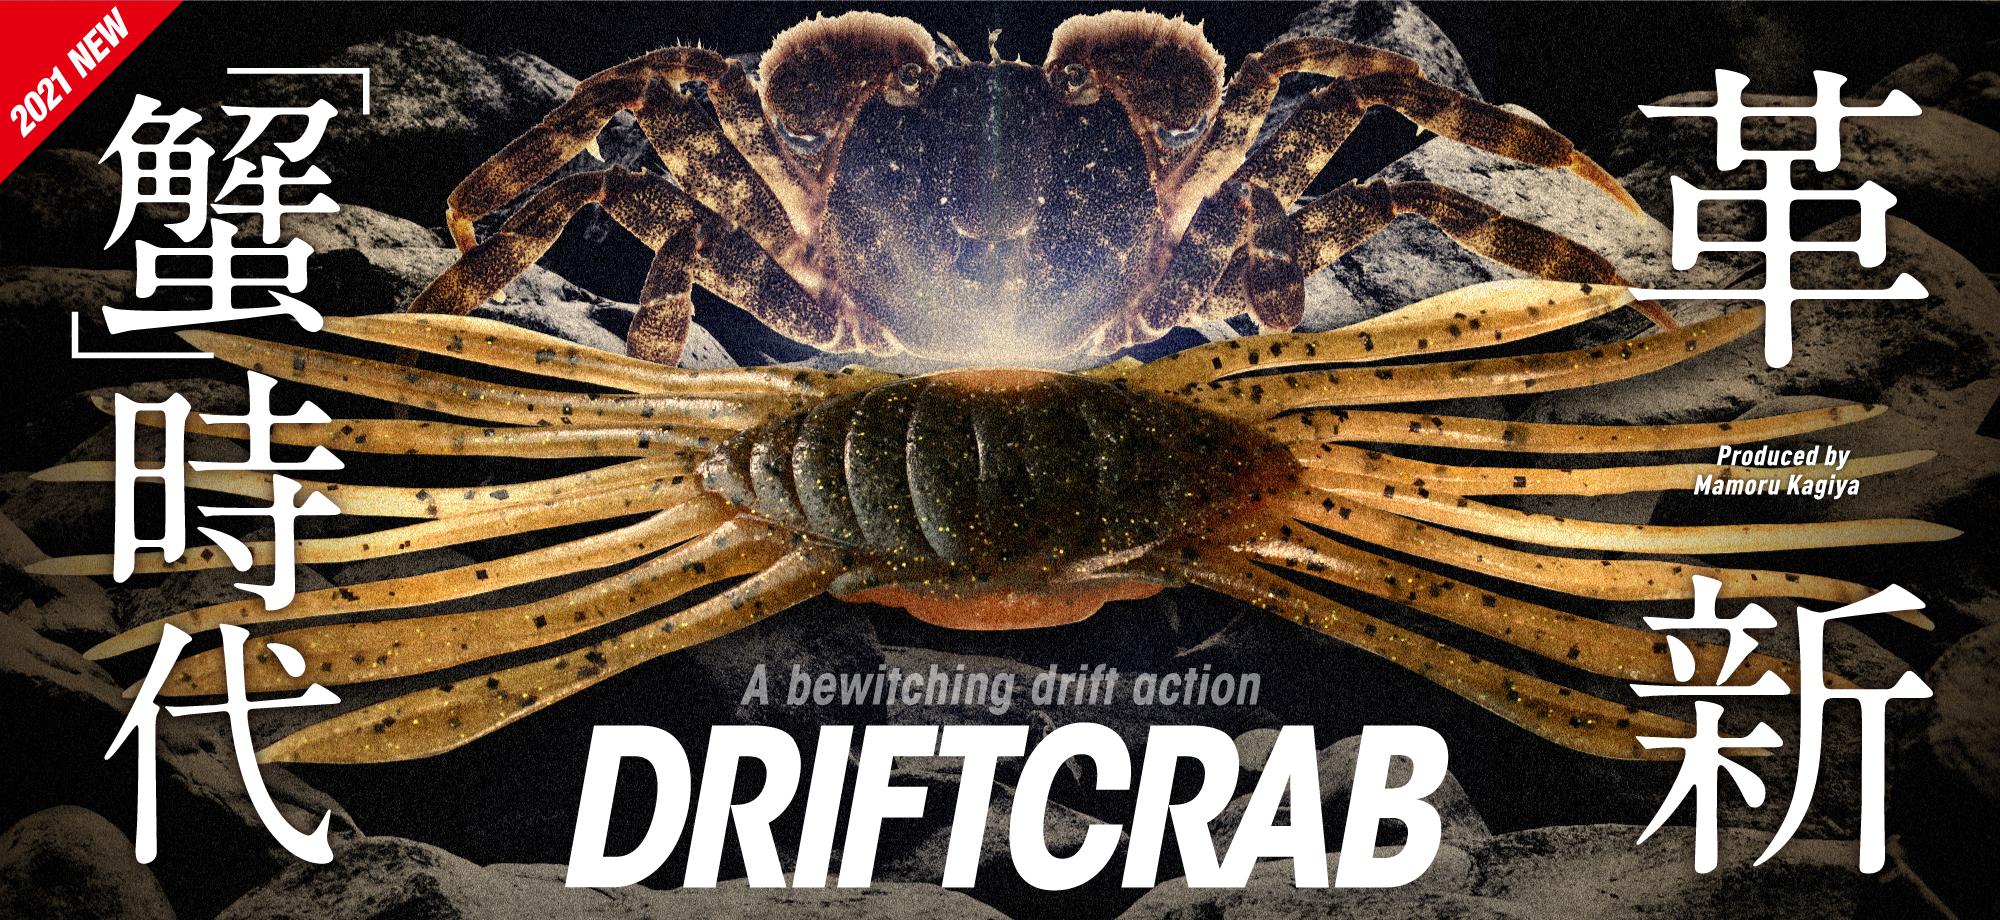 DRIFT CRAB / ドリフトクラブ